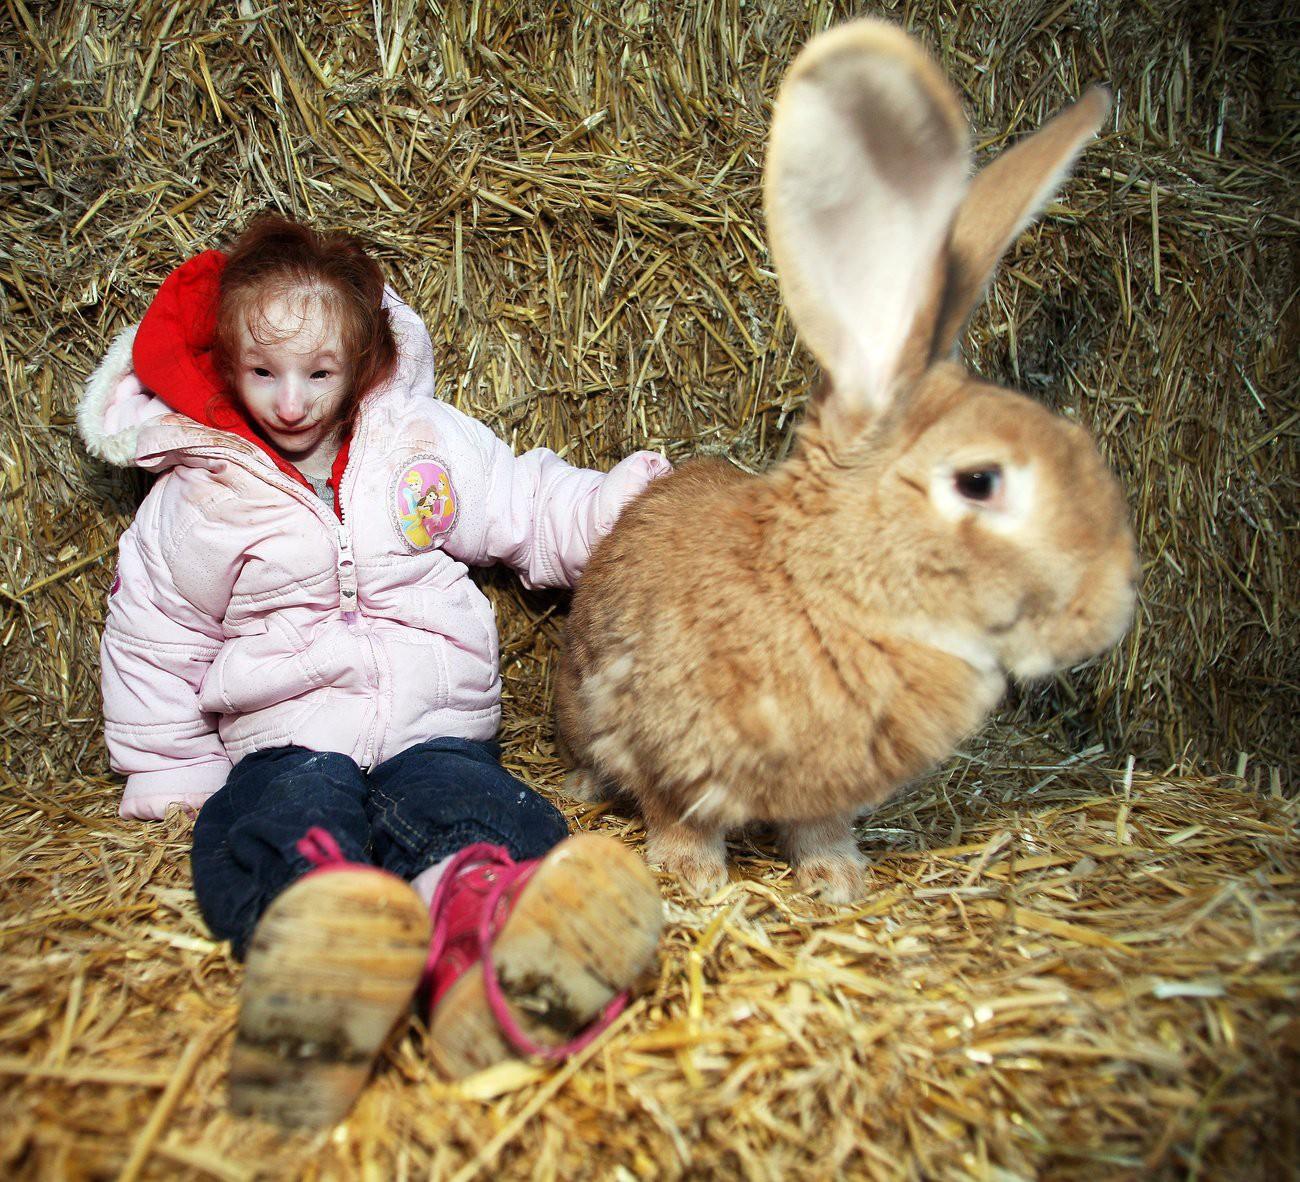 Cuộc đời của cô bé nhỏ nhất thế giới: Bác sĩ nói rằng em chỉ sống được 1 năm, nhưng nghị lực sống đã chiến thắng tất cả-2